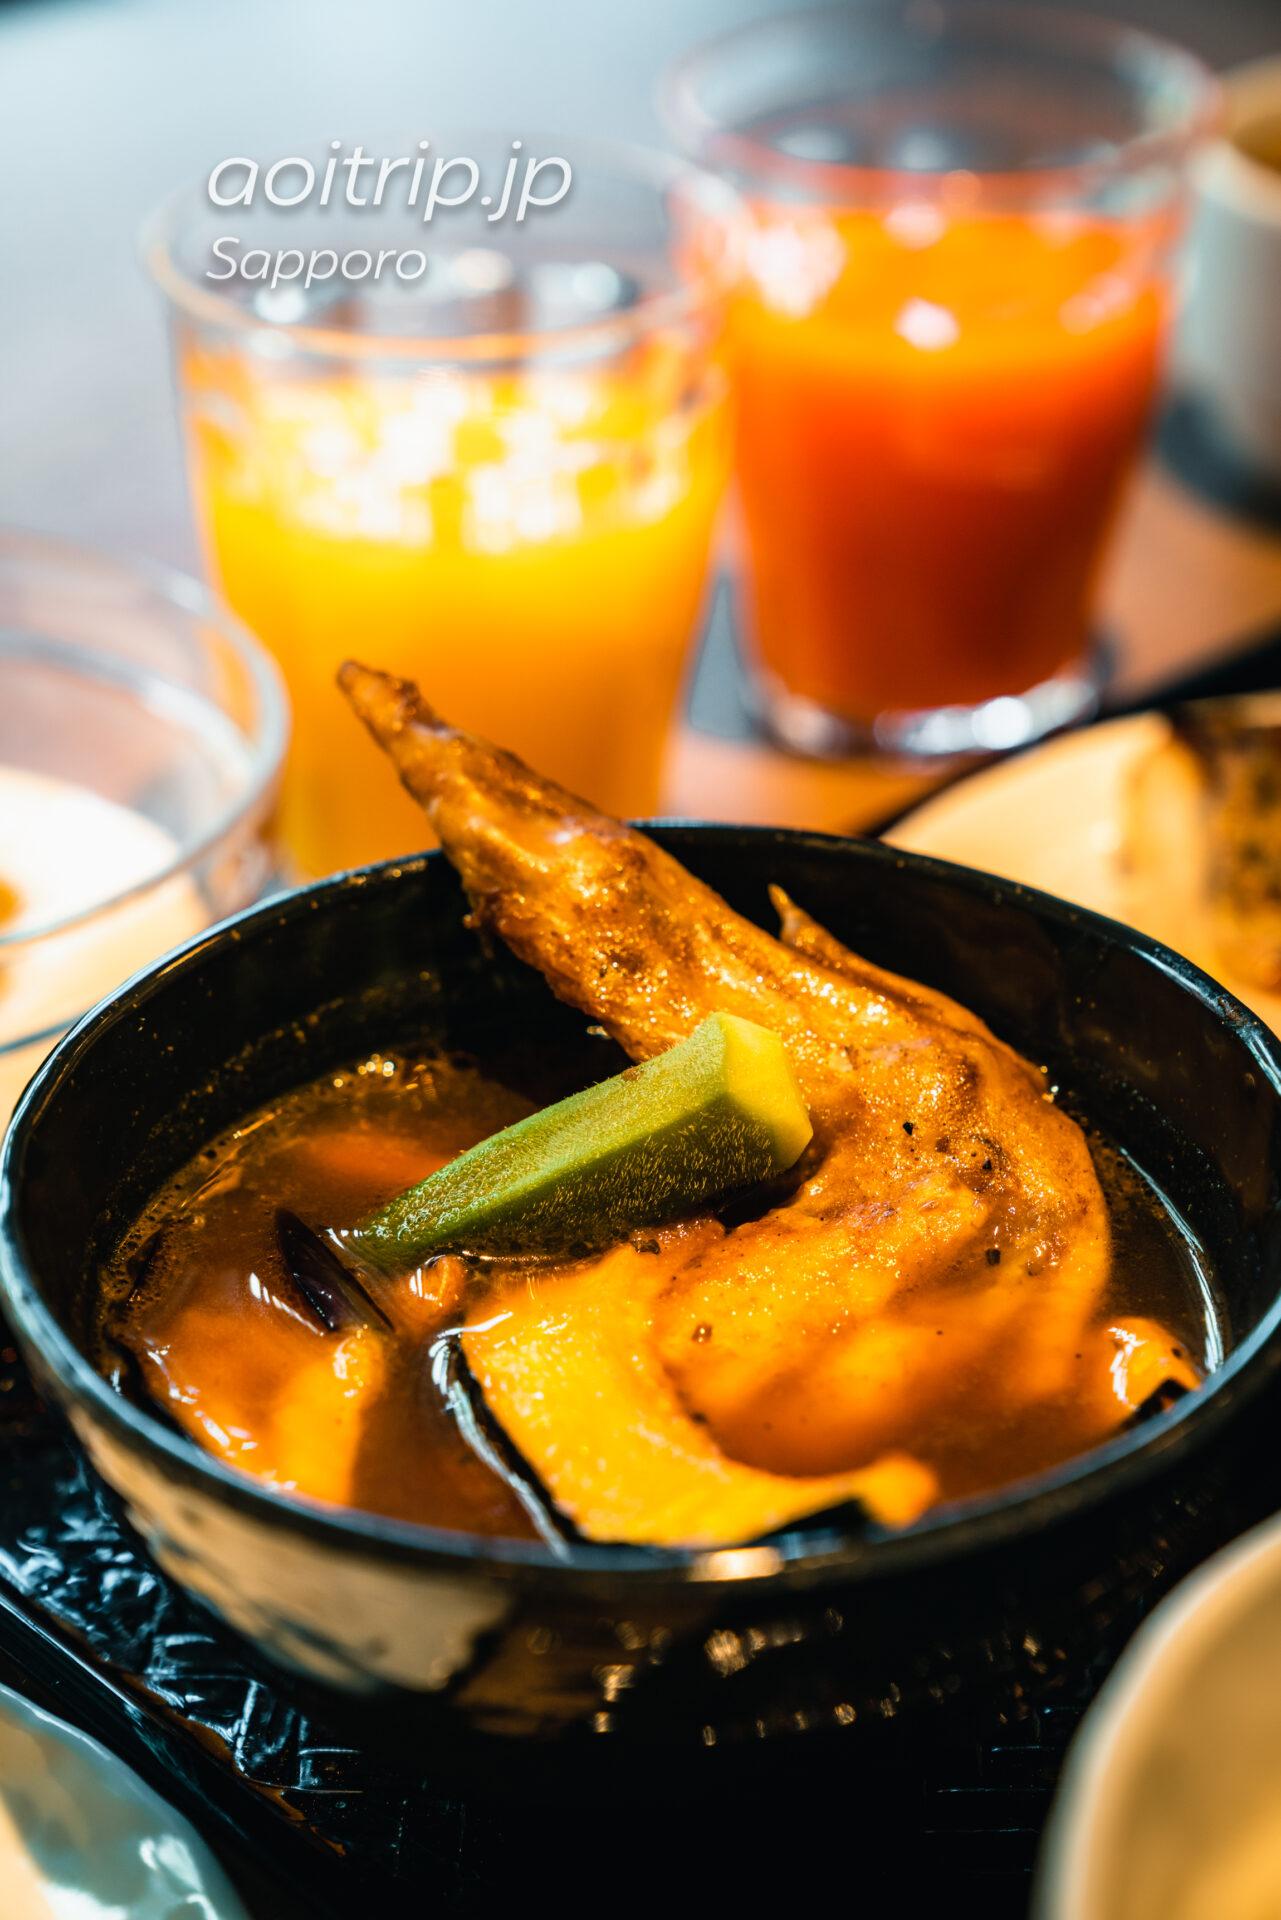 札幌グランドホテルの朝食 実乃里(みのり)&カフェ スープカレー